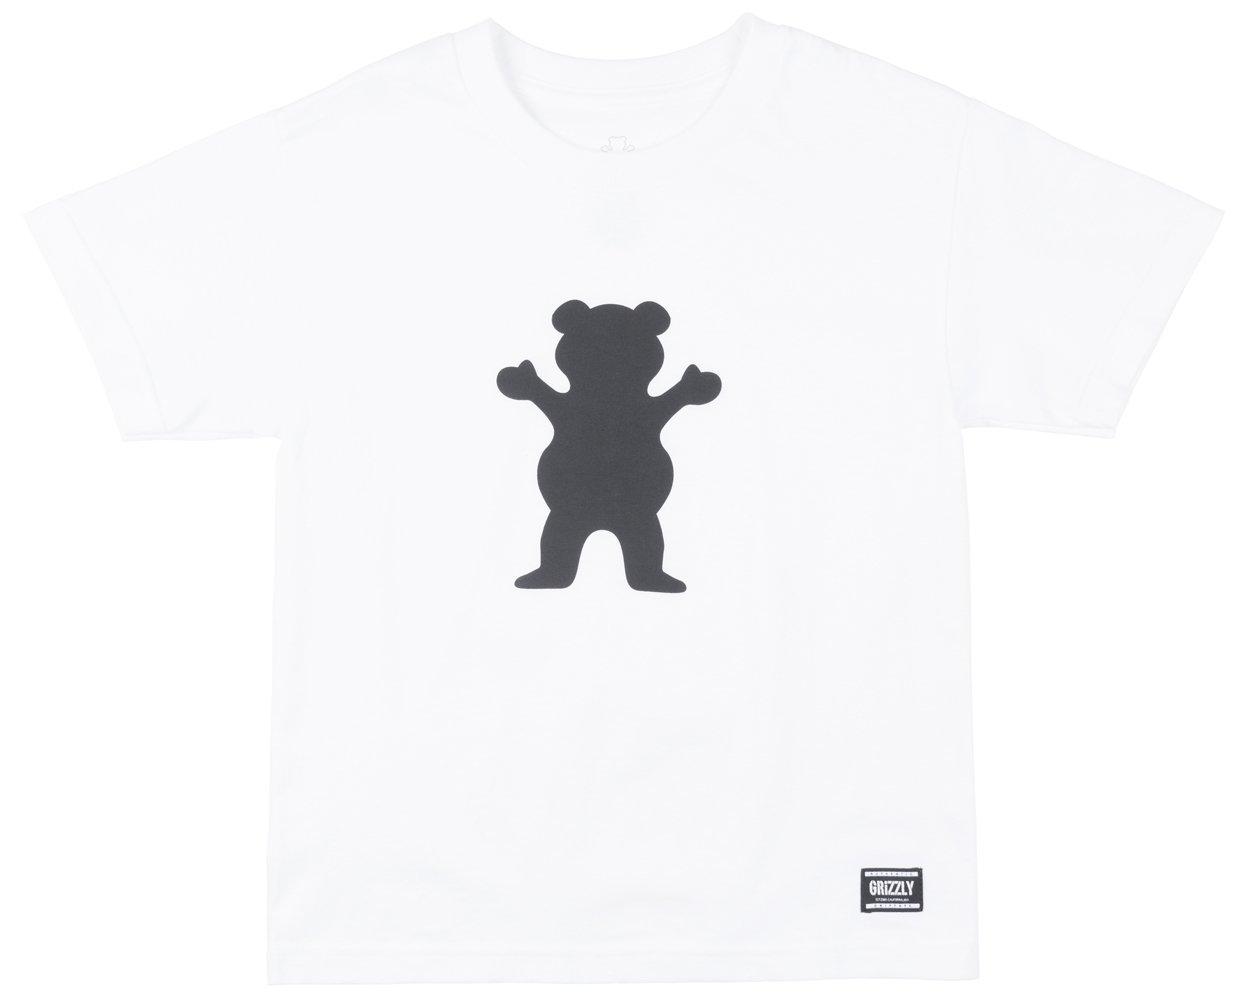 【超目玉】 【GRIZZLY】グリズリー 2018春夏 ボーイズ OG BEAR S Medium/S YOUTH T-SHIRTS T-SHIRTS KIDS キッズ 半袖Tシャツ TEE ティーシャツ ボーイズ スケートボード B073ZHGNQX Medium WHITE-BLACK WHITE-BLACK Medium, ムラウチ:751088f8 --- a0267596.xsph.ru